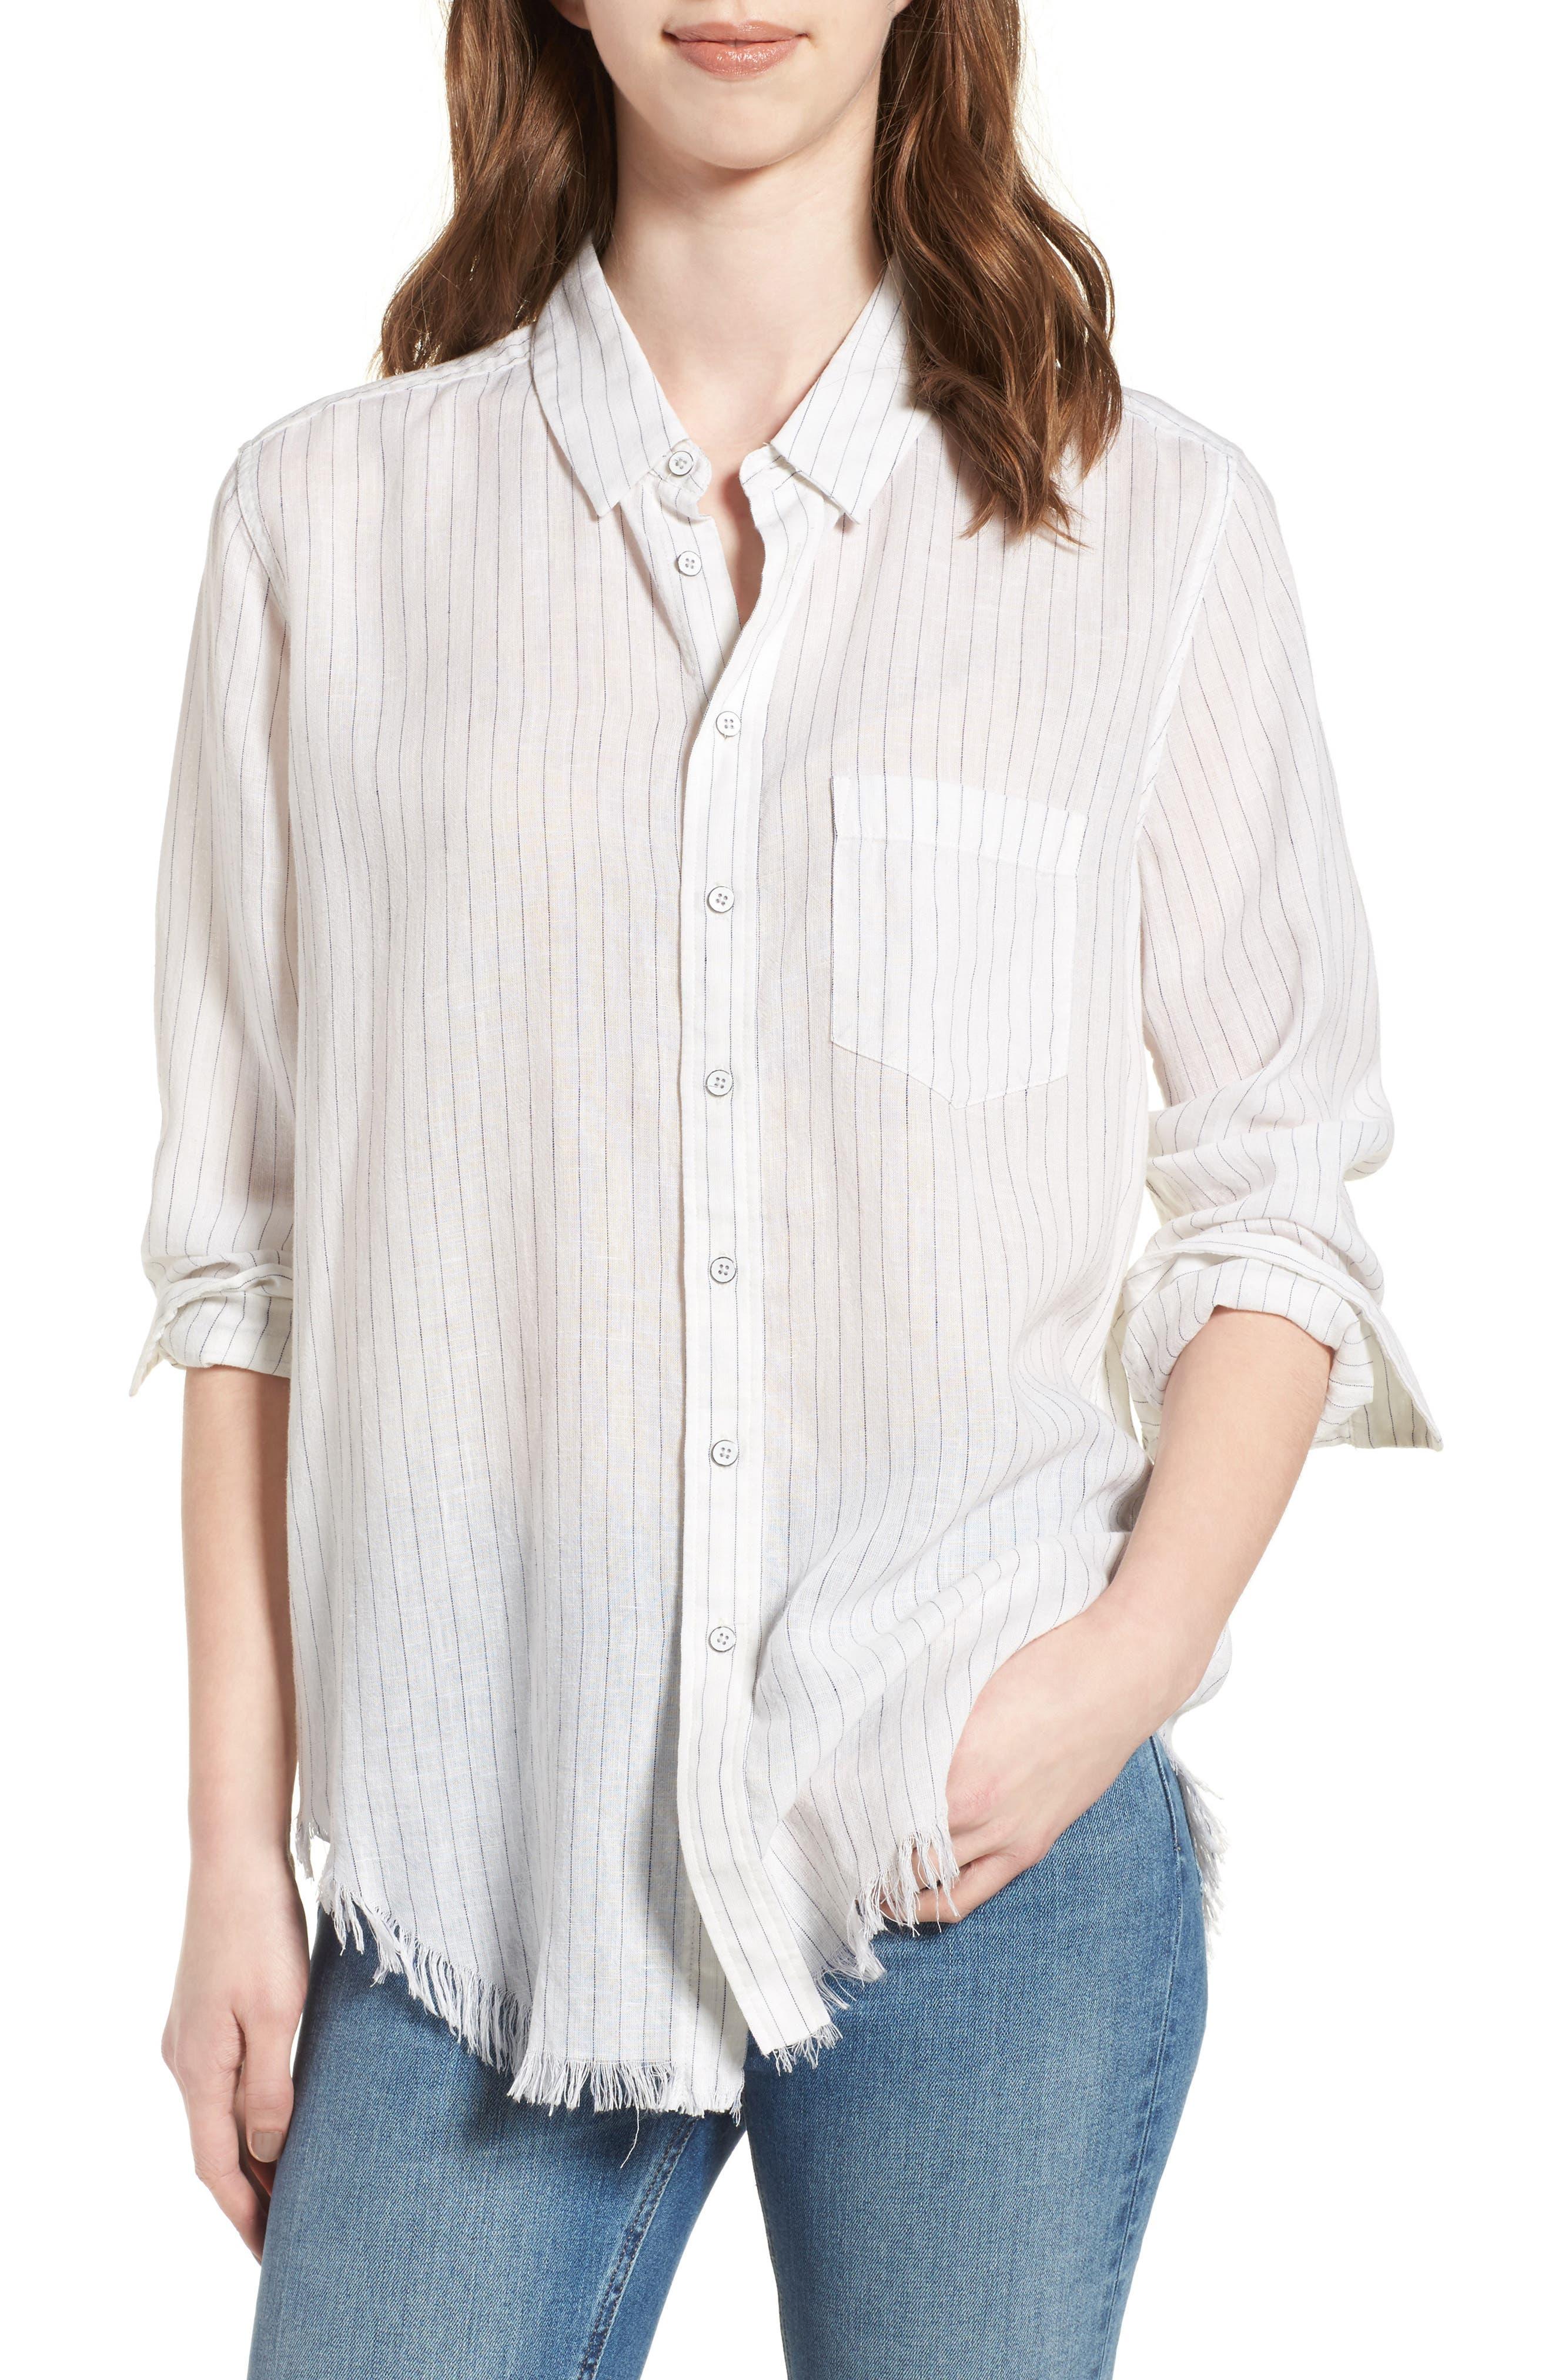 Nassau & Manhattan Boyfriend Shirt,                             Main thumbnail 1, color,                             Blue/ Cream